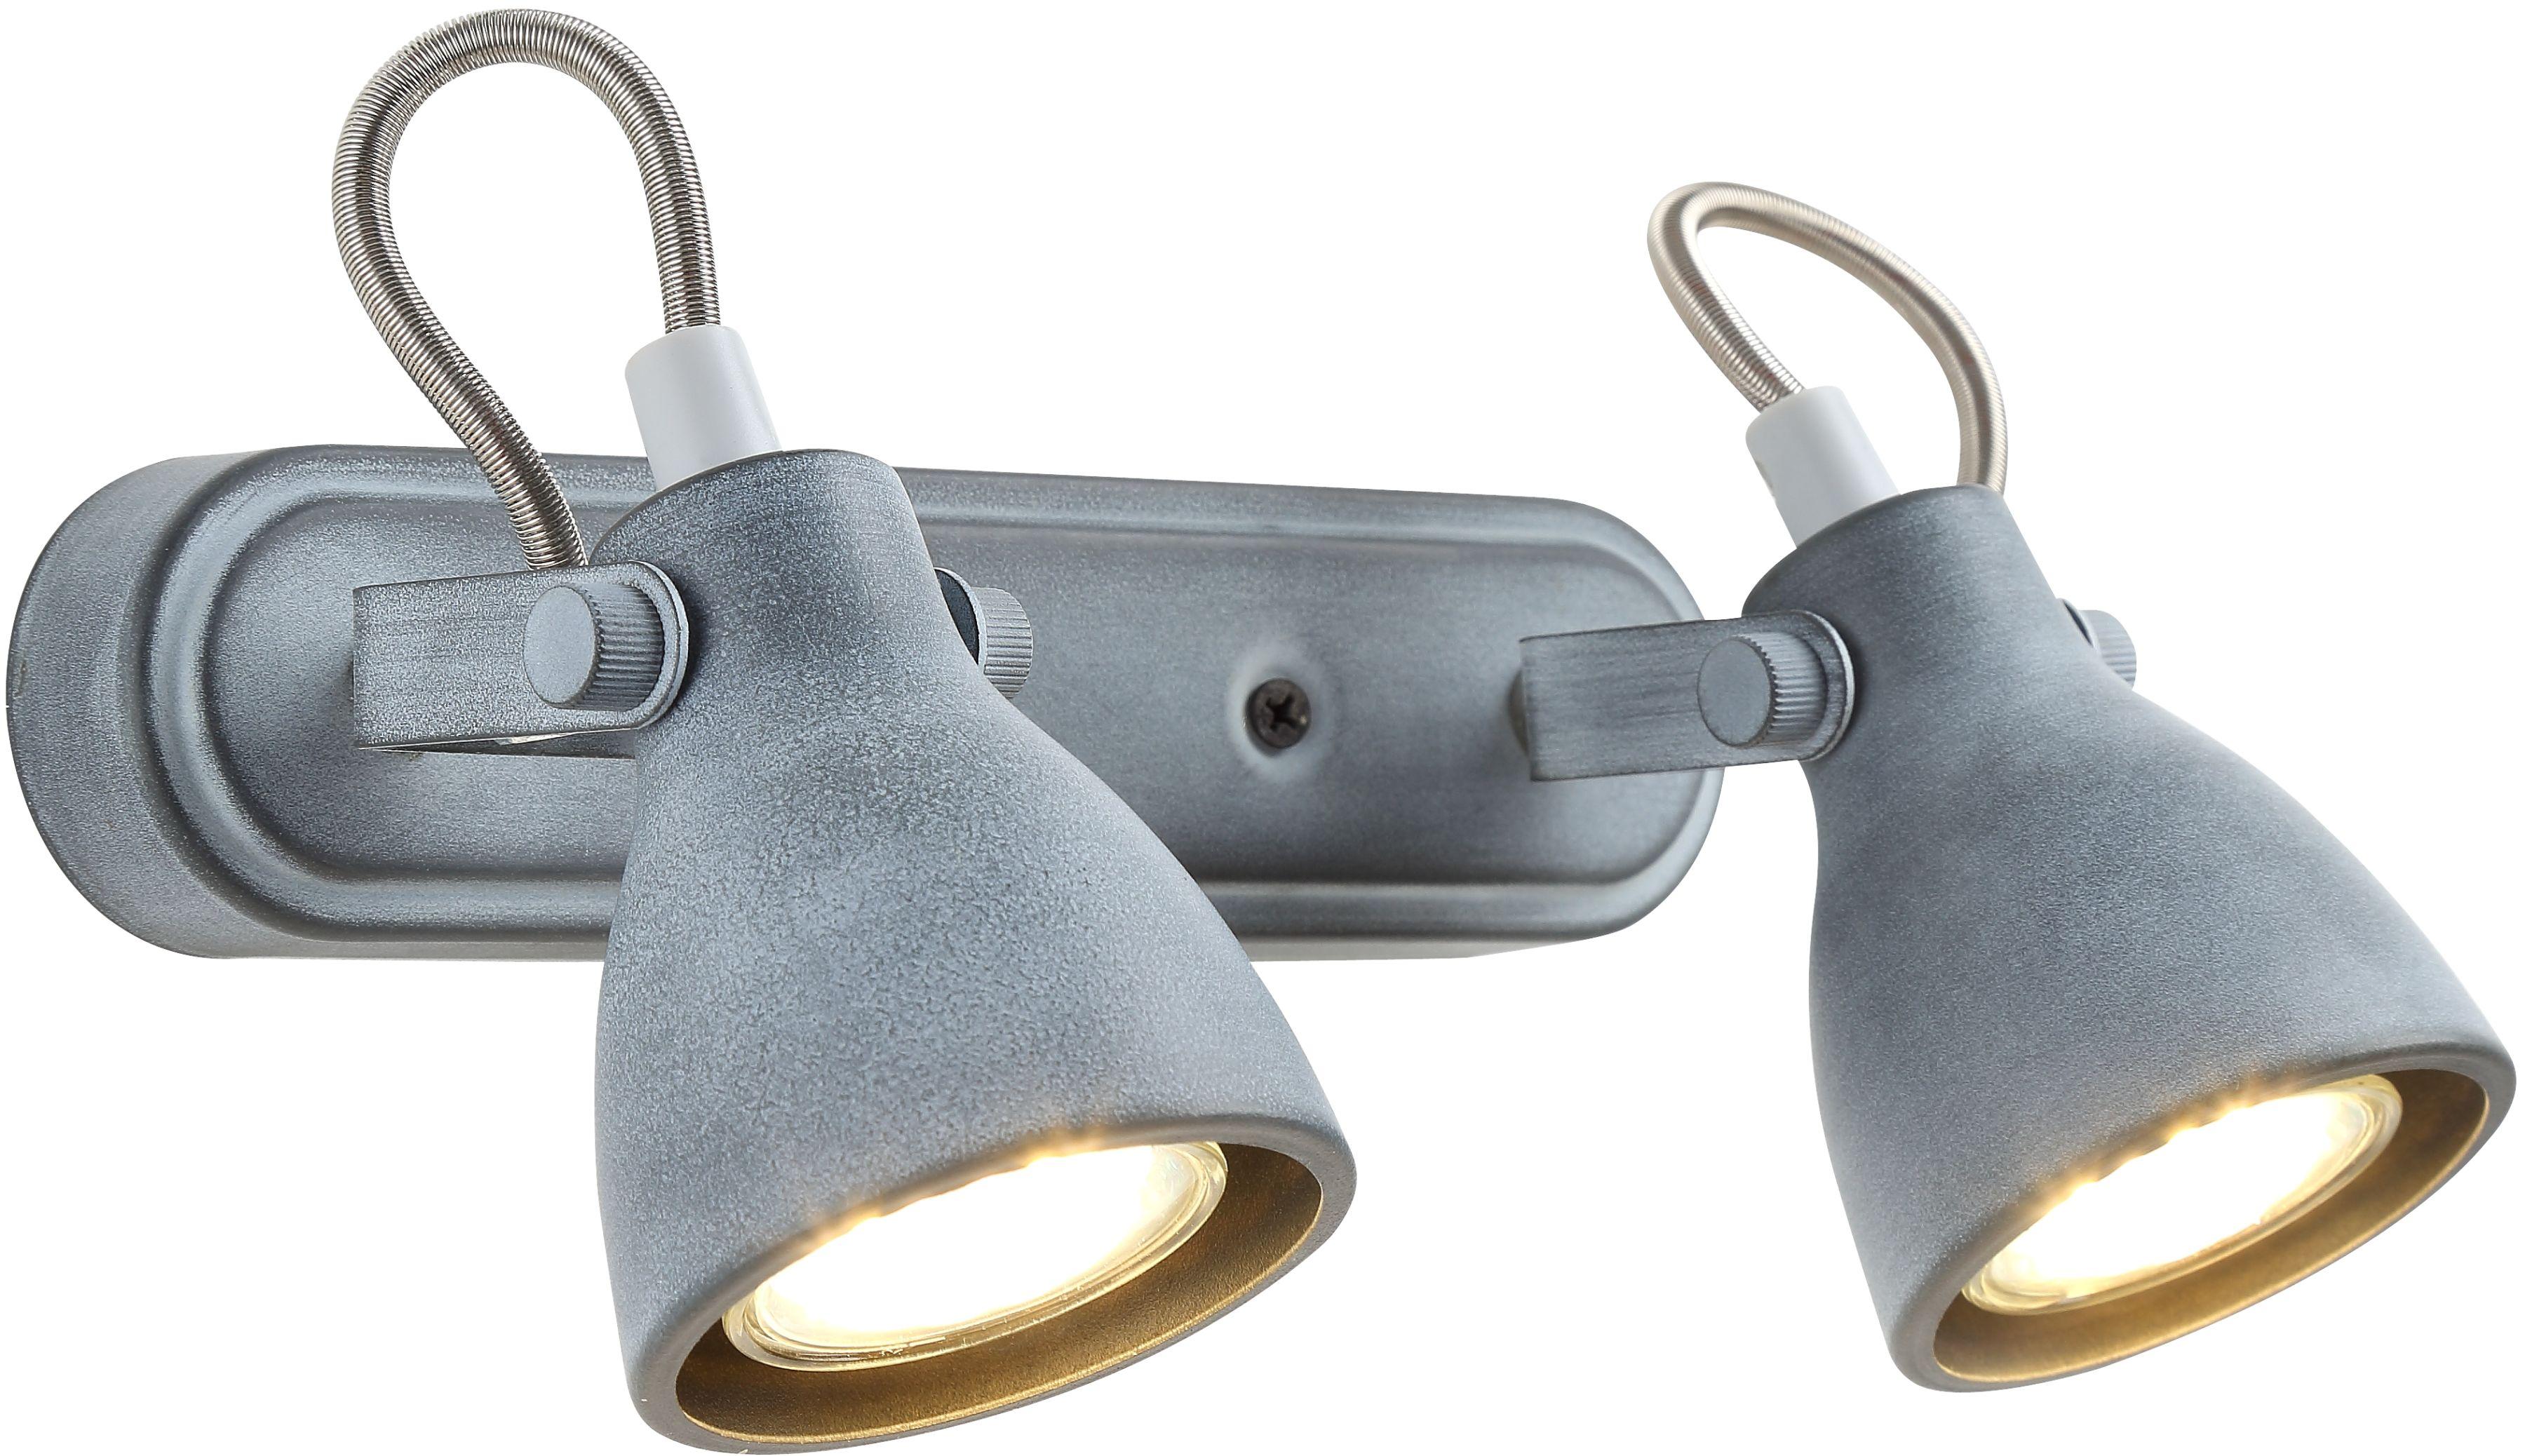 Candellux ASH 92-64400 oprawa oświetleniowa szary mat regulacja klosza 2X40W GU10 31cm